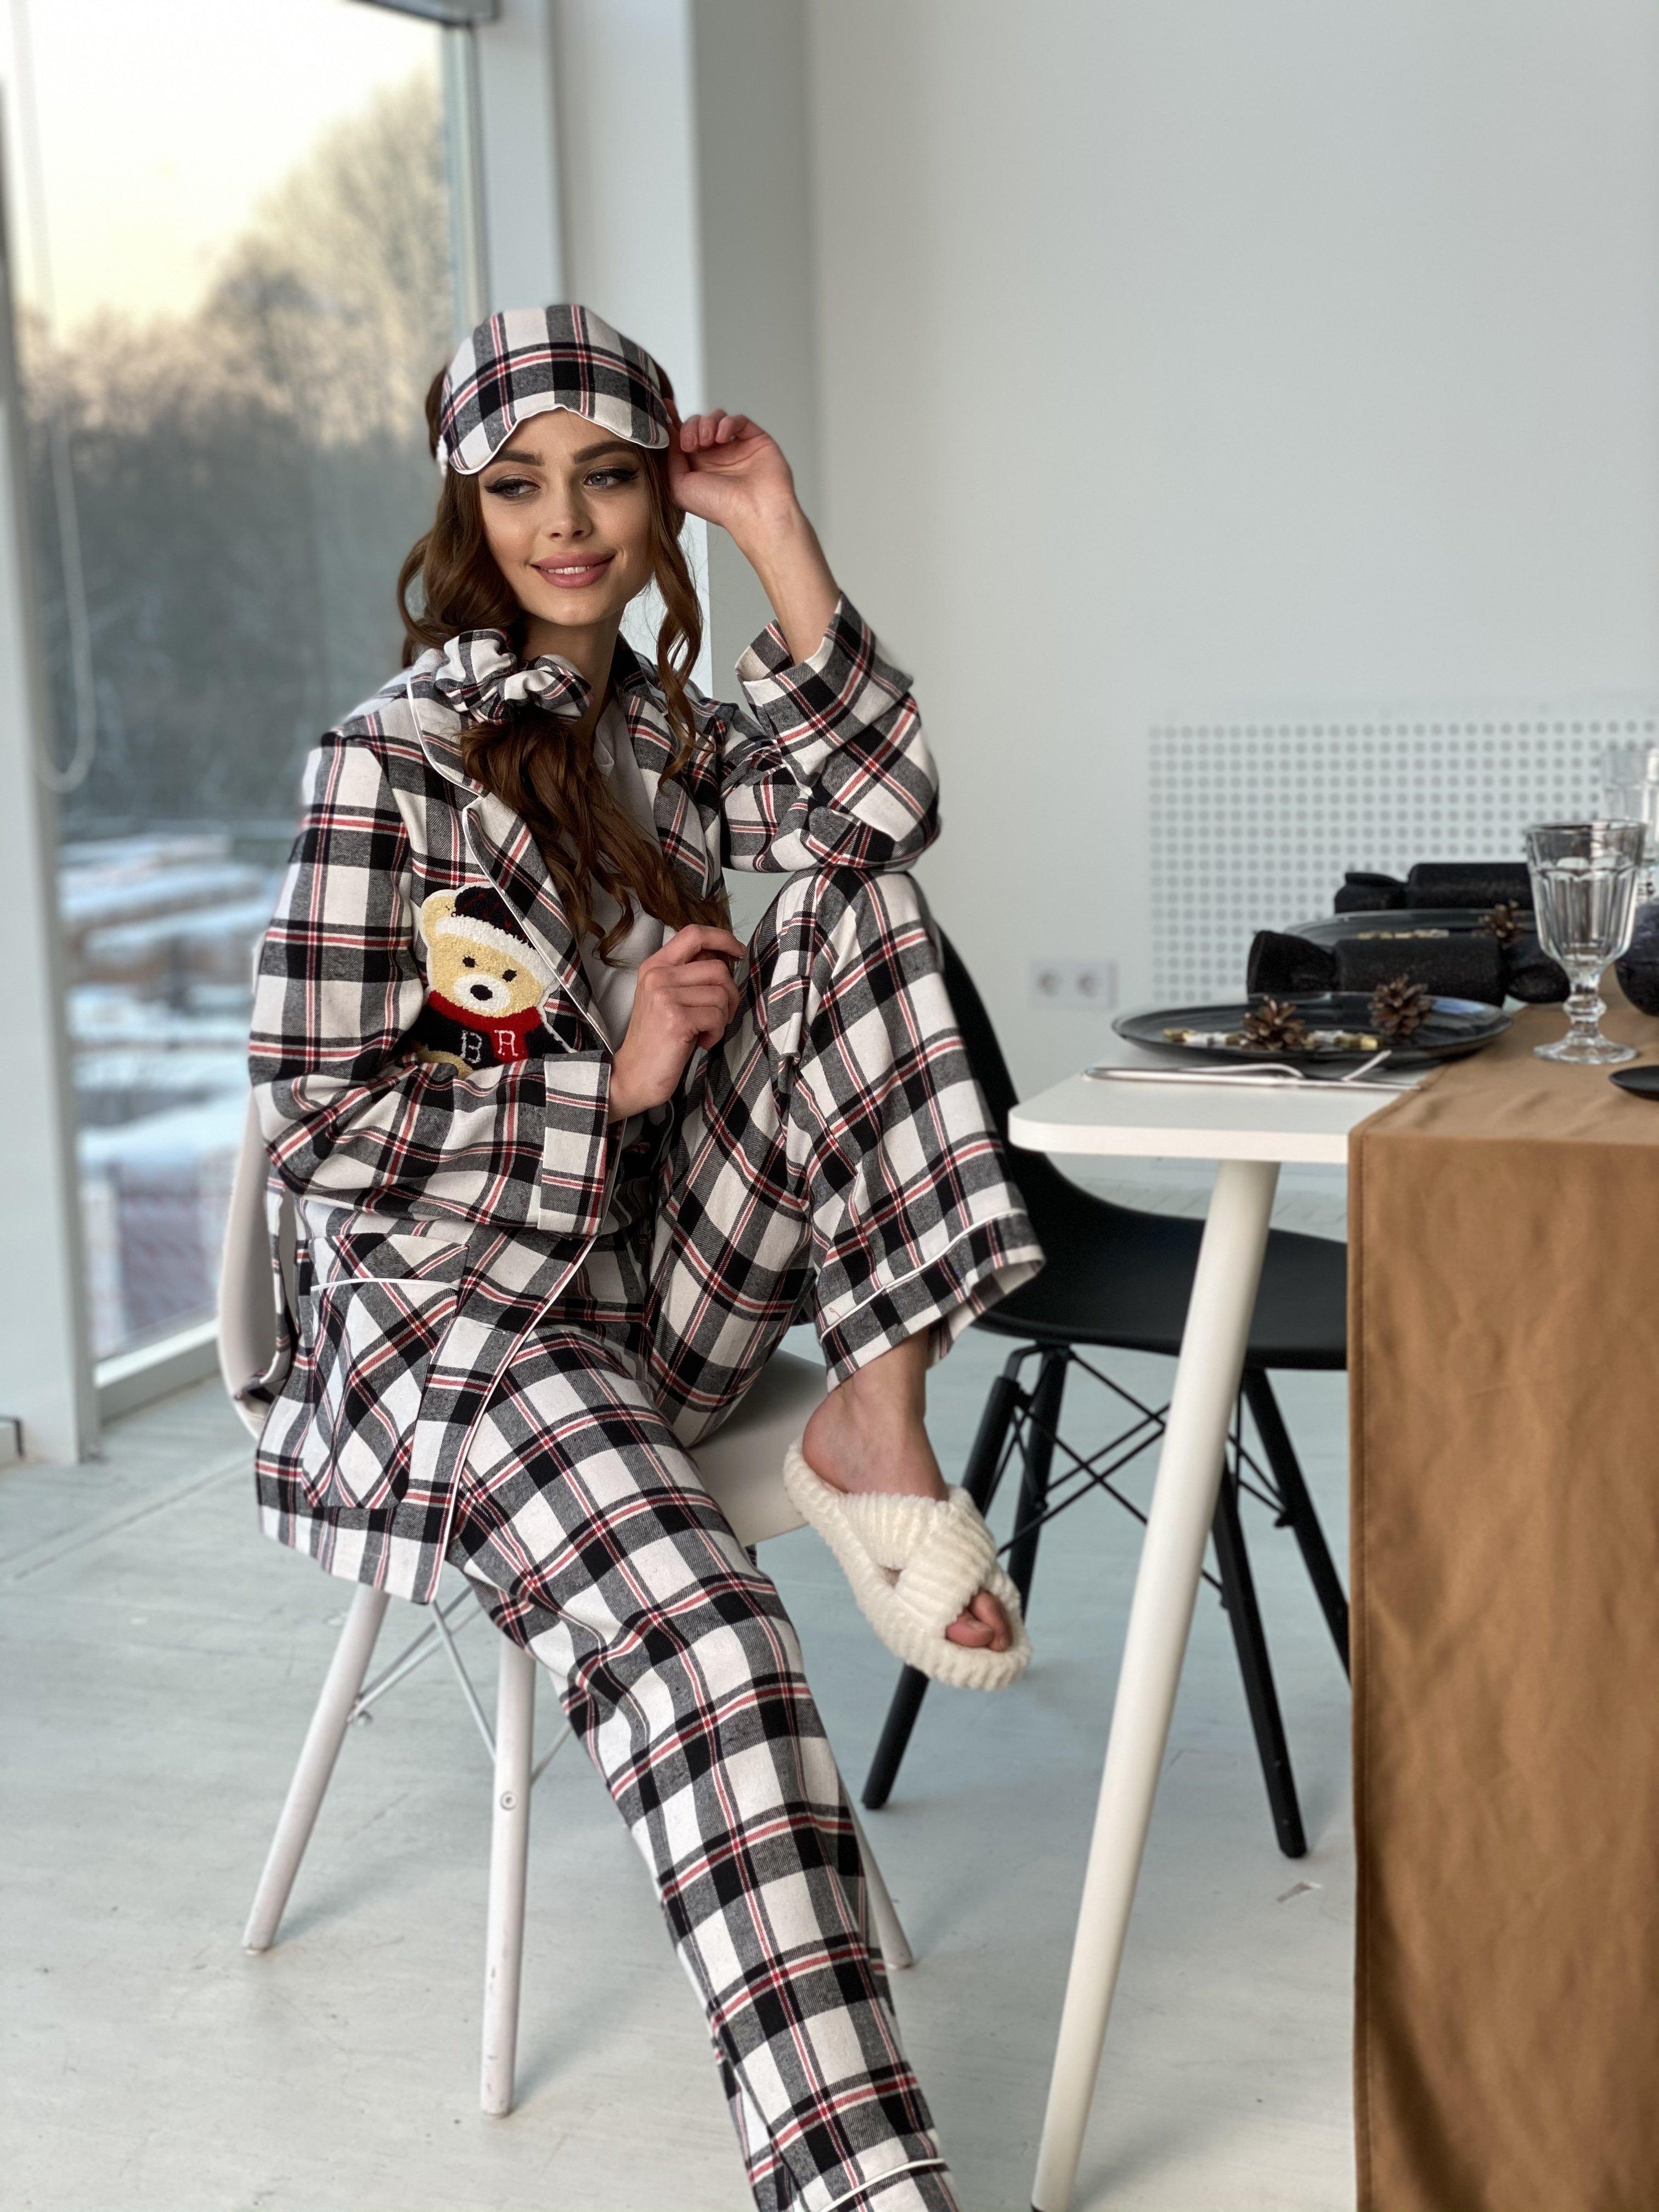 Тедди пижама в клетку из коттона(жакет,футболка,брюки,маска,резинка) 10384 АРТ. 46827 Цвет: Черный/белый/красный - фото 3, интернет магазин tm-modus.ru